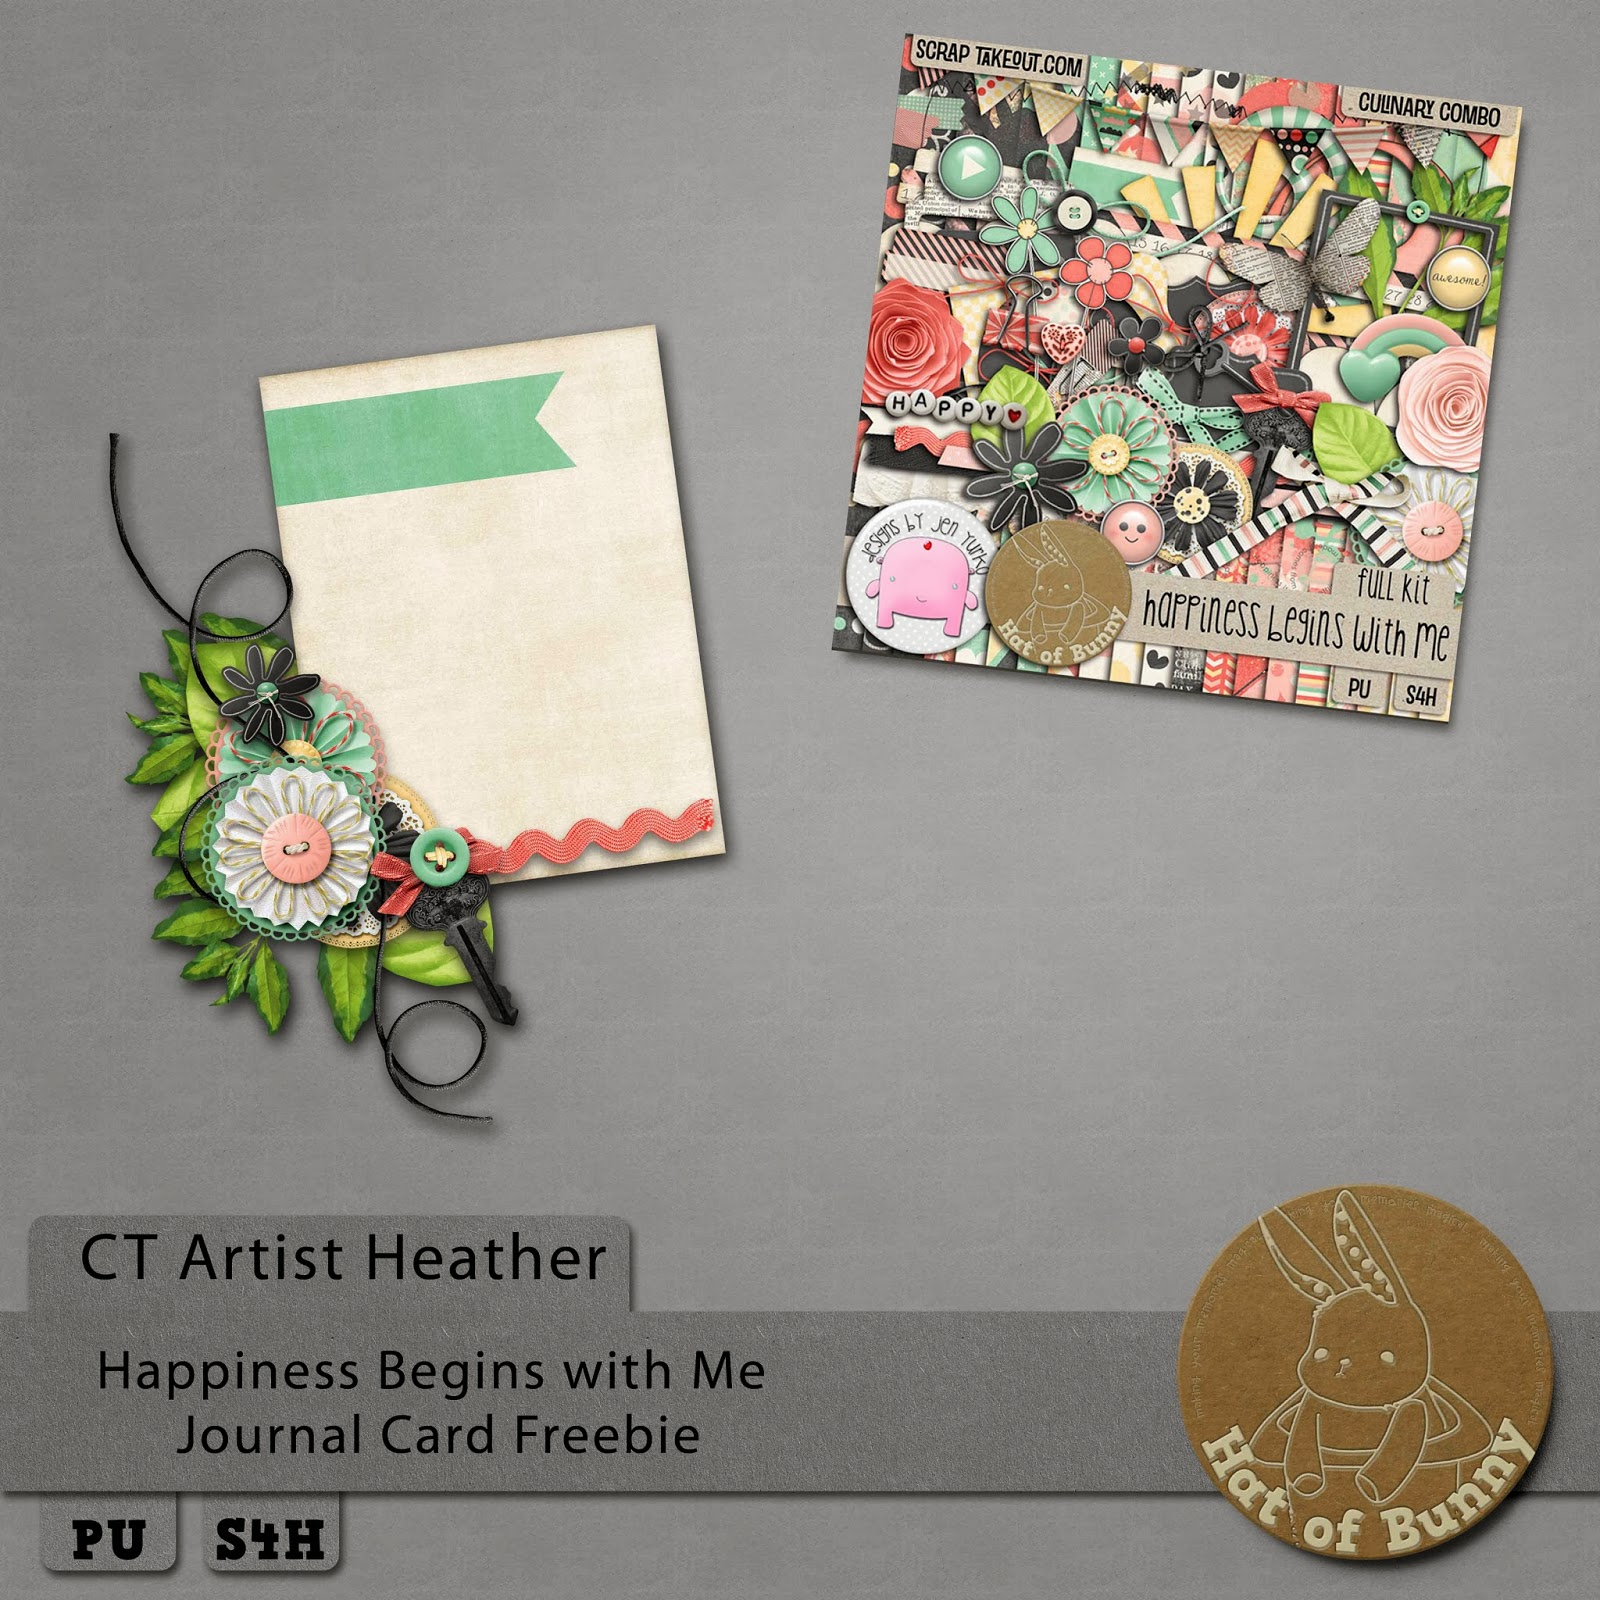 http://www.mediafire.com/download/8mxwfwg5ykmol60/Happiness_Journal_Card_Freebie.zip